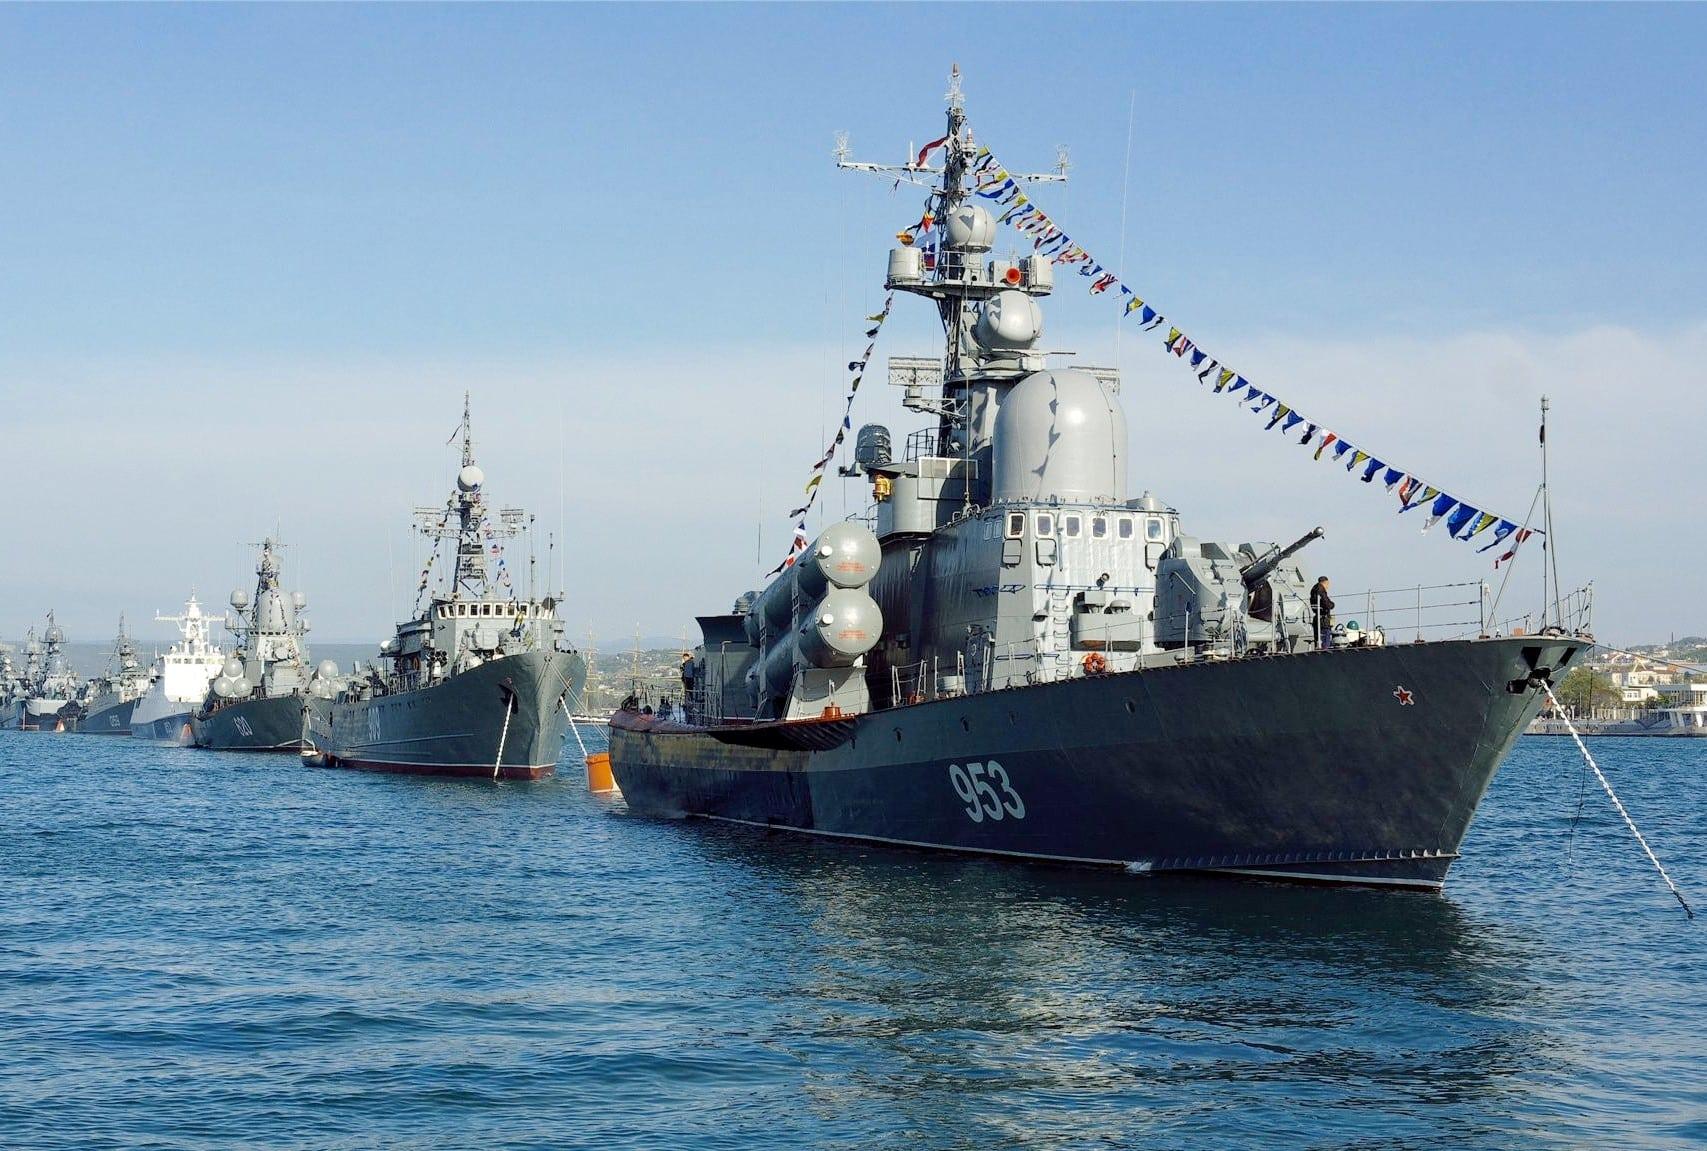 Открытки с военным кораблем, поздравлениями посмотреть стильная